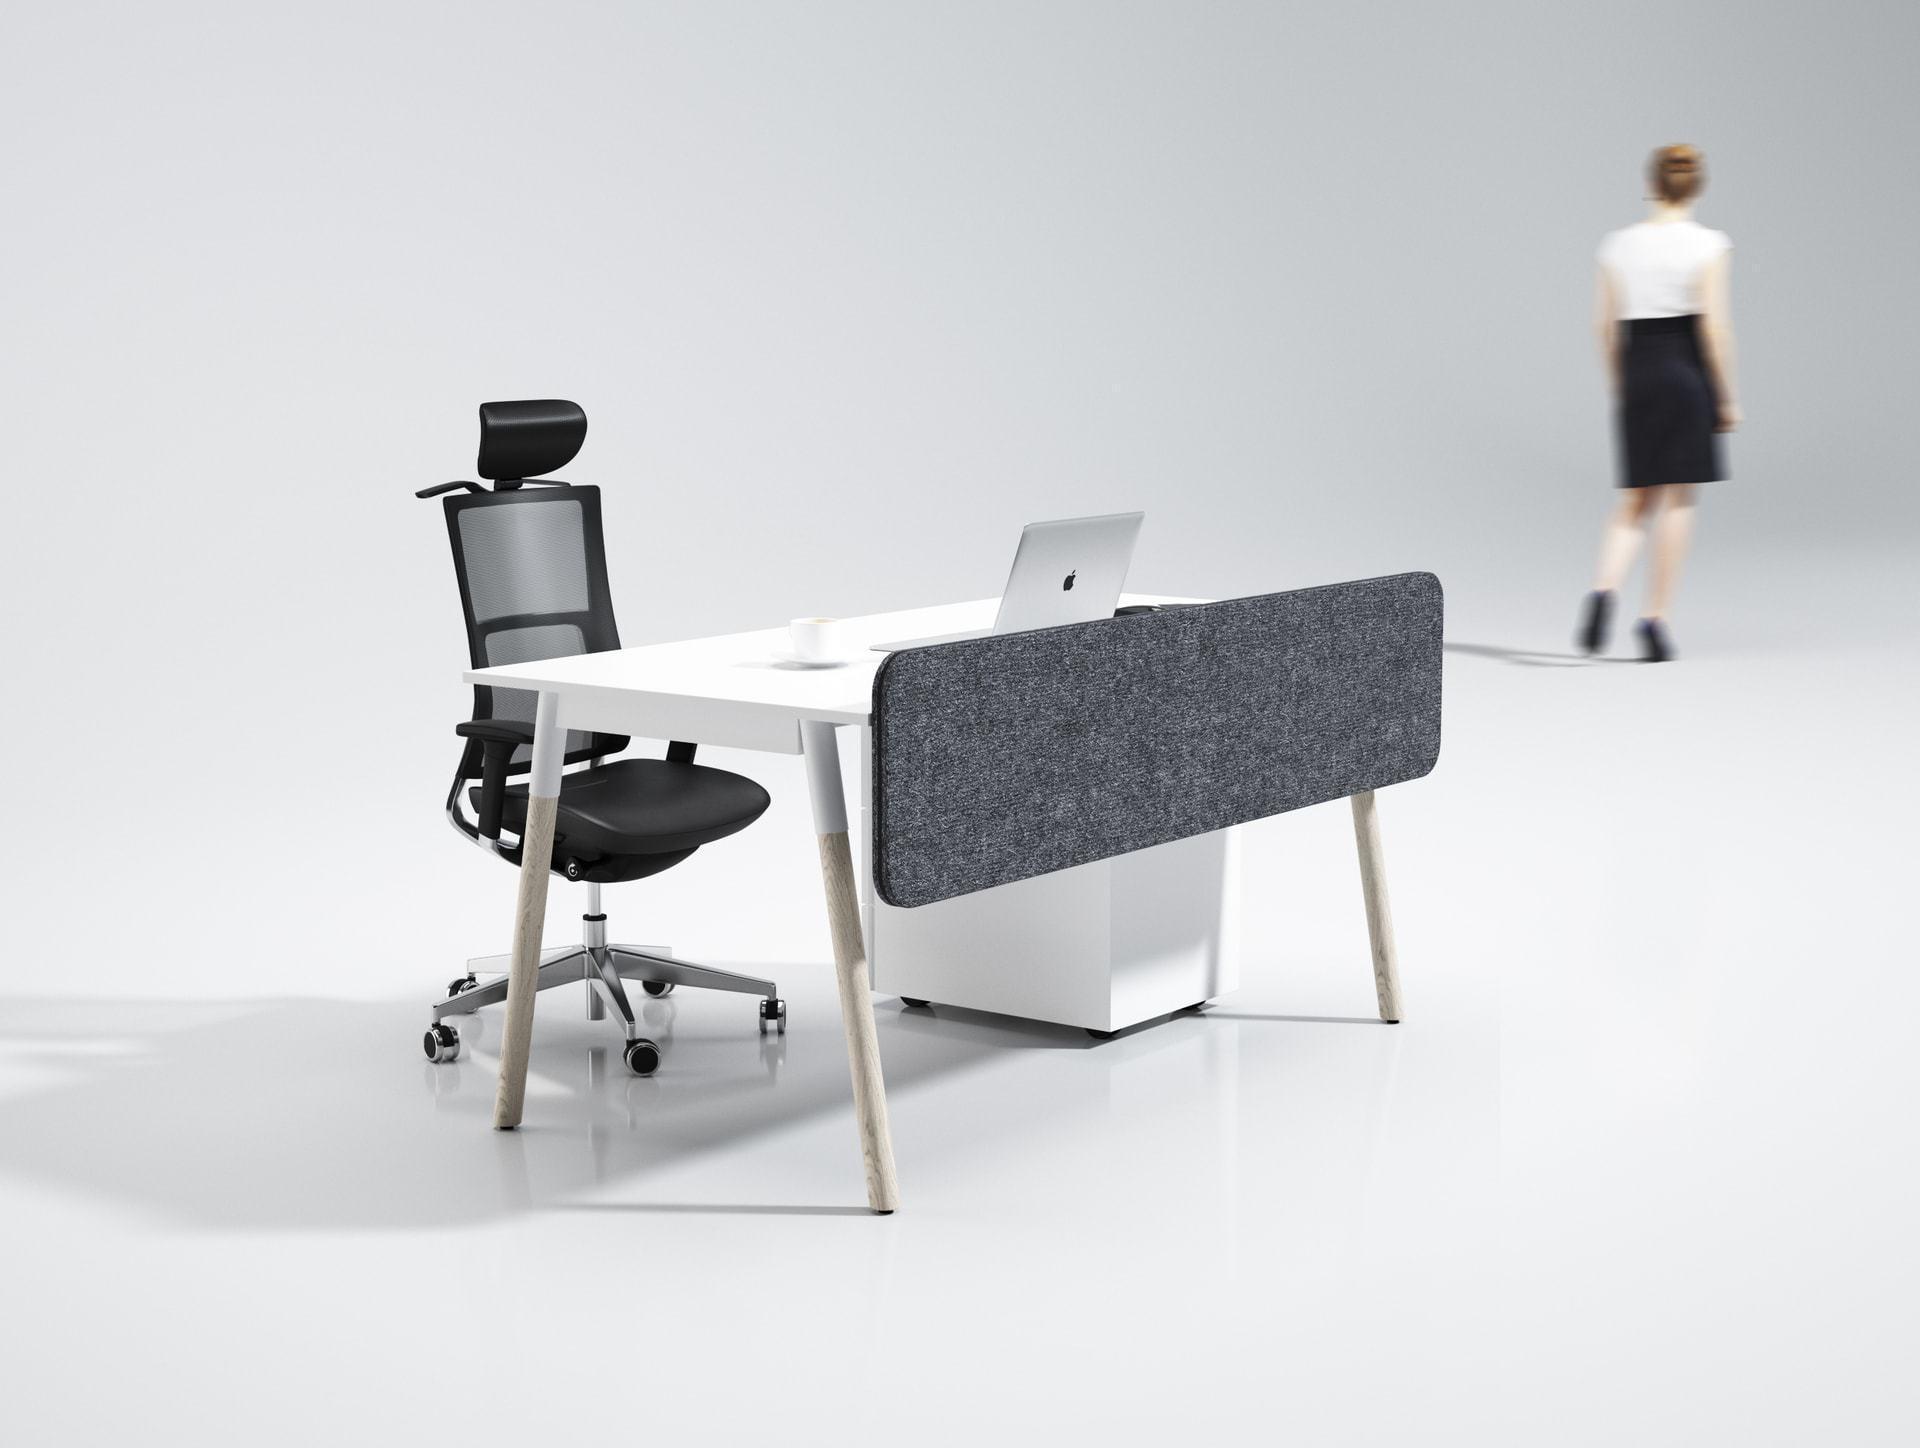 nábytok od my dva: kancelársky stôl DANCE: stôl pre jedného s paravánom